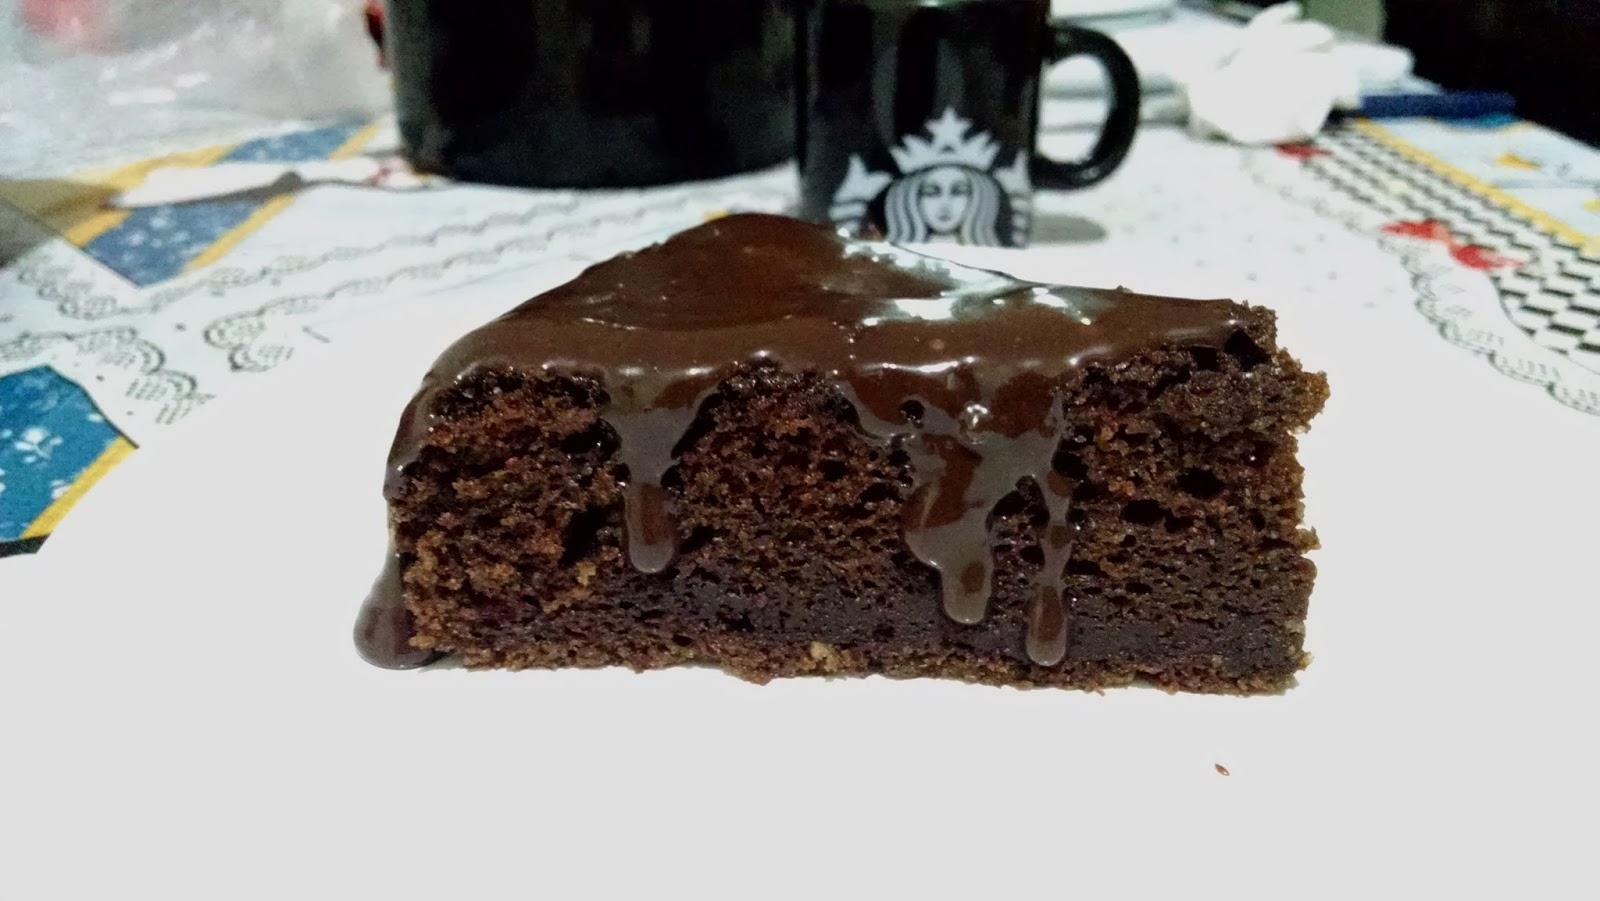 receita bolo de chocolate molhado, receita bolo de chocolate molhado, receita bolo de chocolate molhado, receita bolo de chocolate molhado, receita bolo de chocolate molhado, receita bolo de chocolate molhado, receita bolo de chocolate molhado,